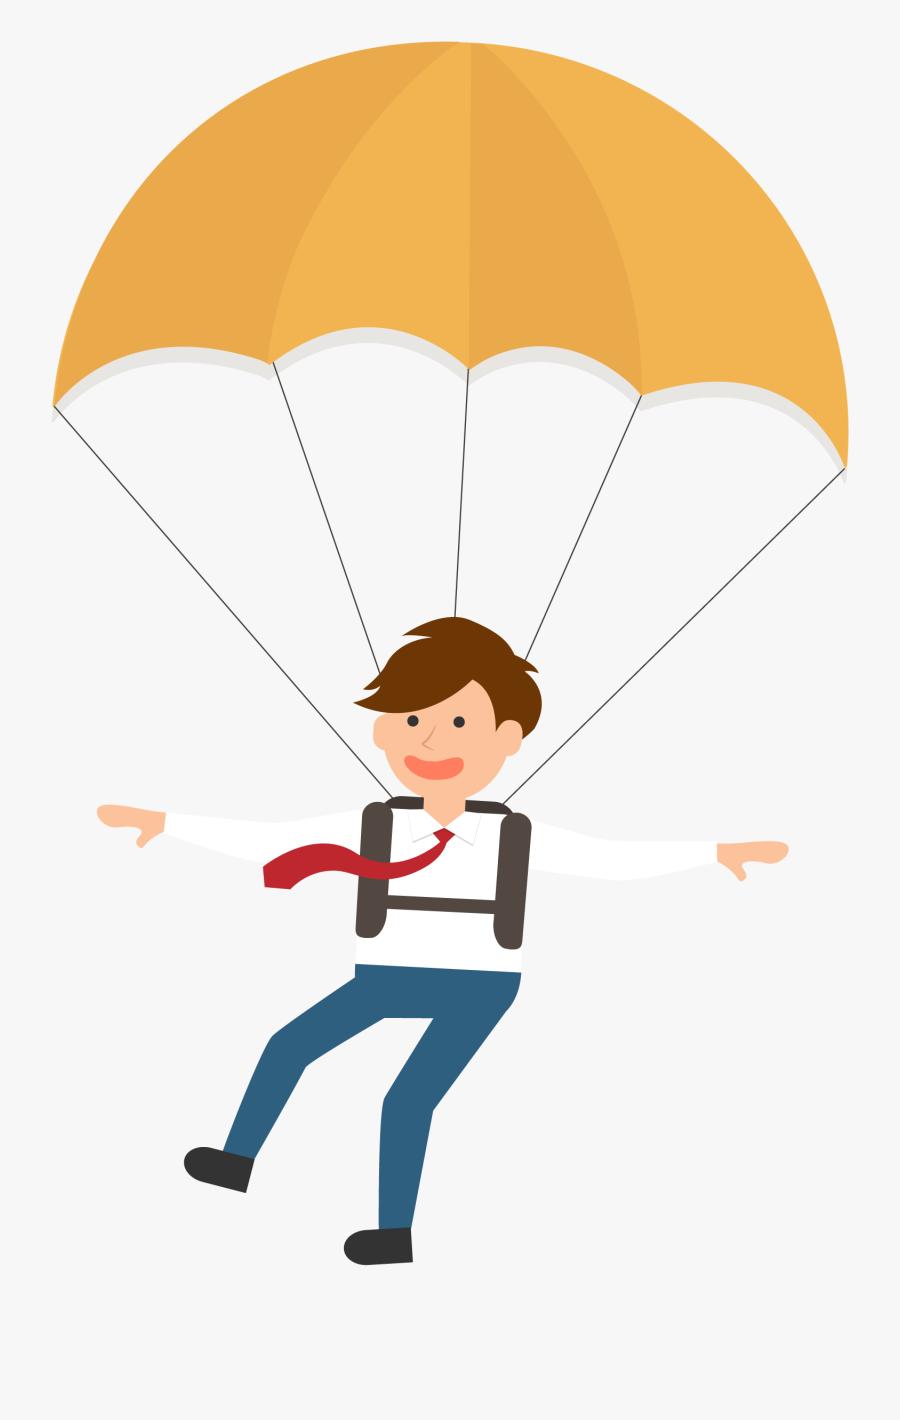 Transparent Paratrooper Png - Parachuting Clipart Png, Transparent Clipart